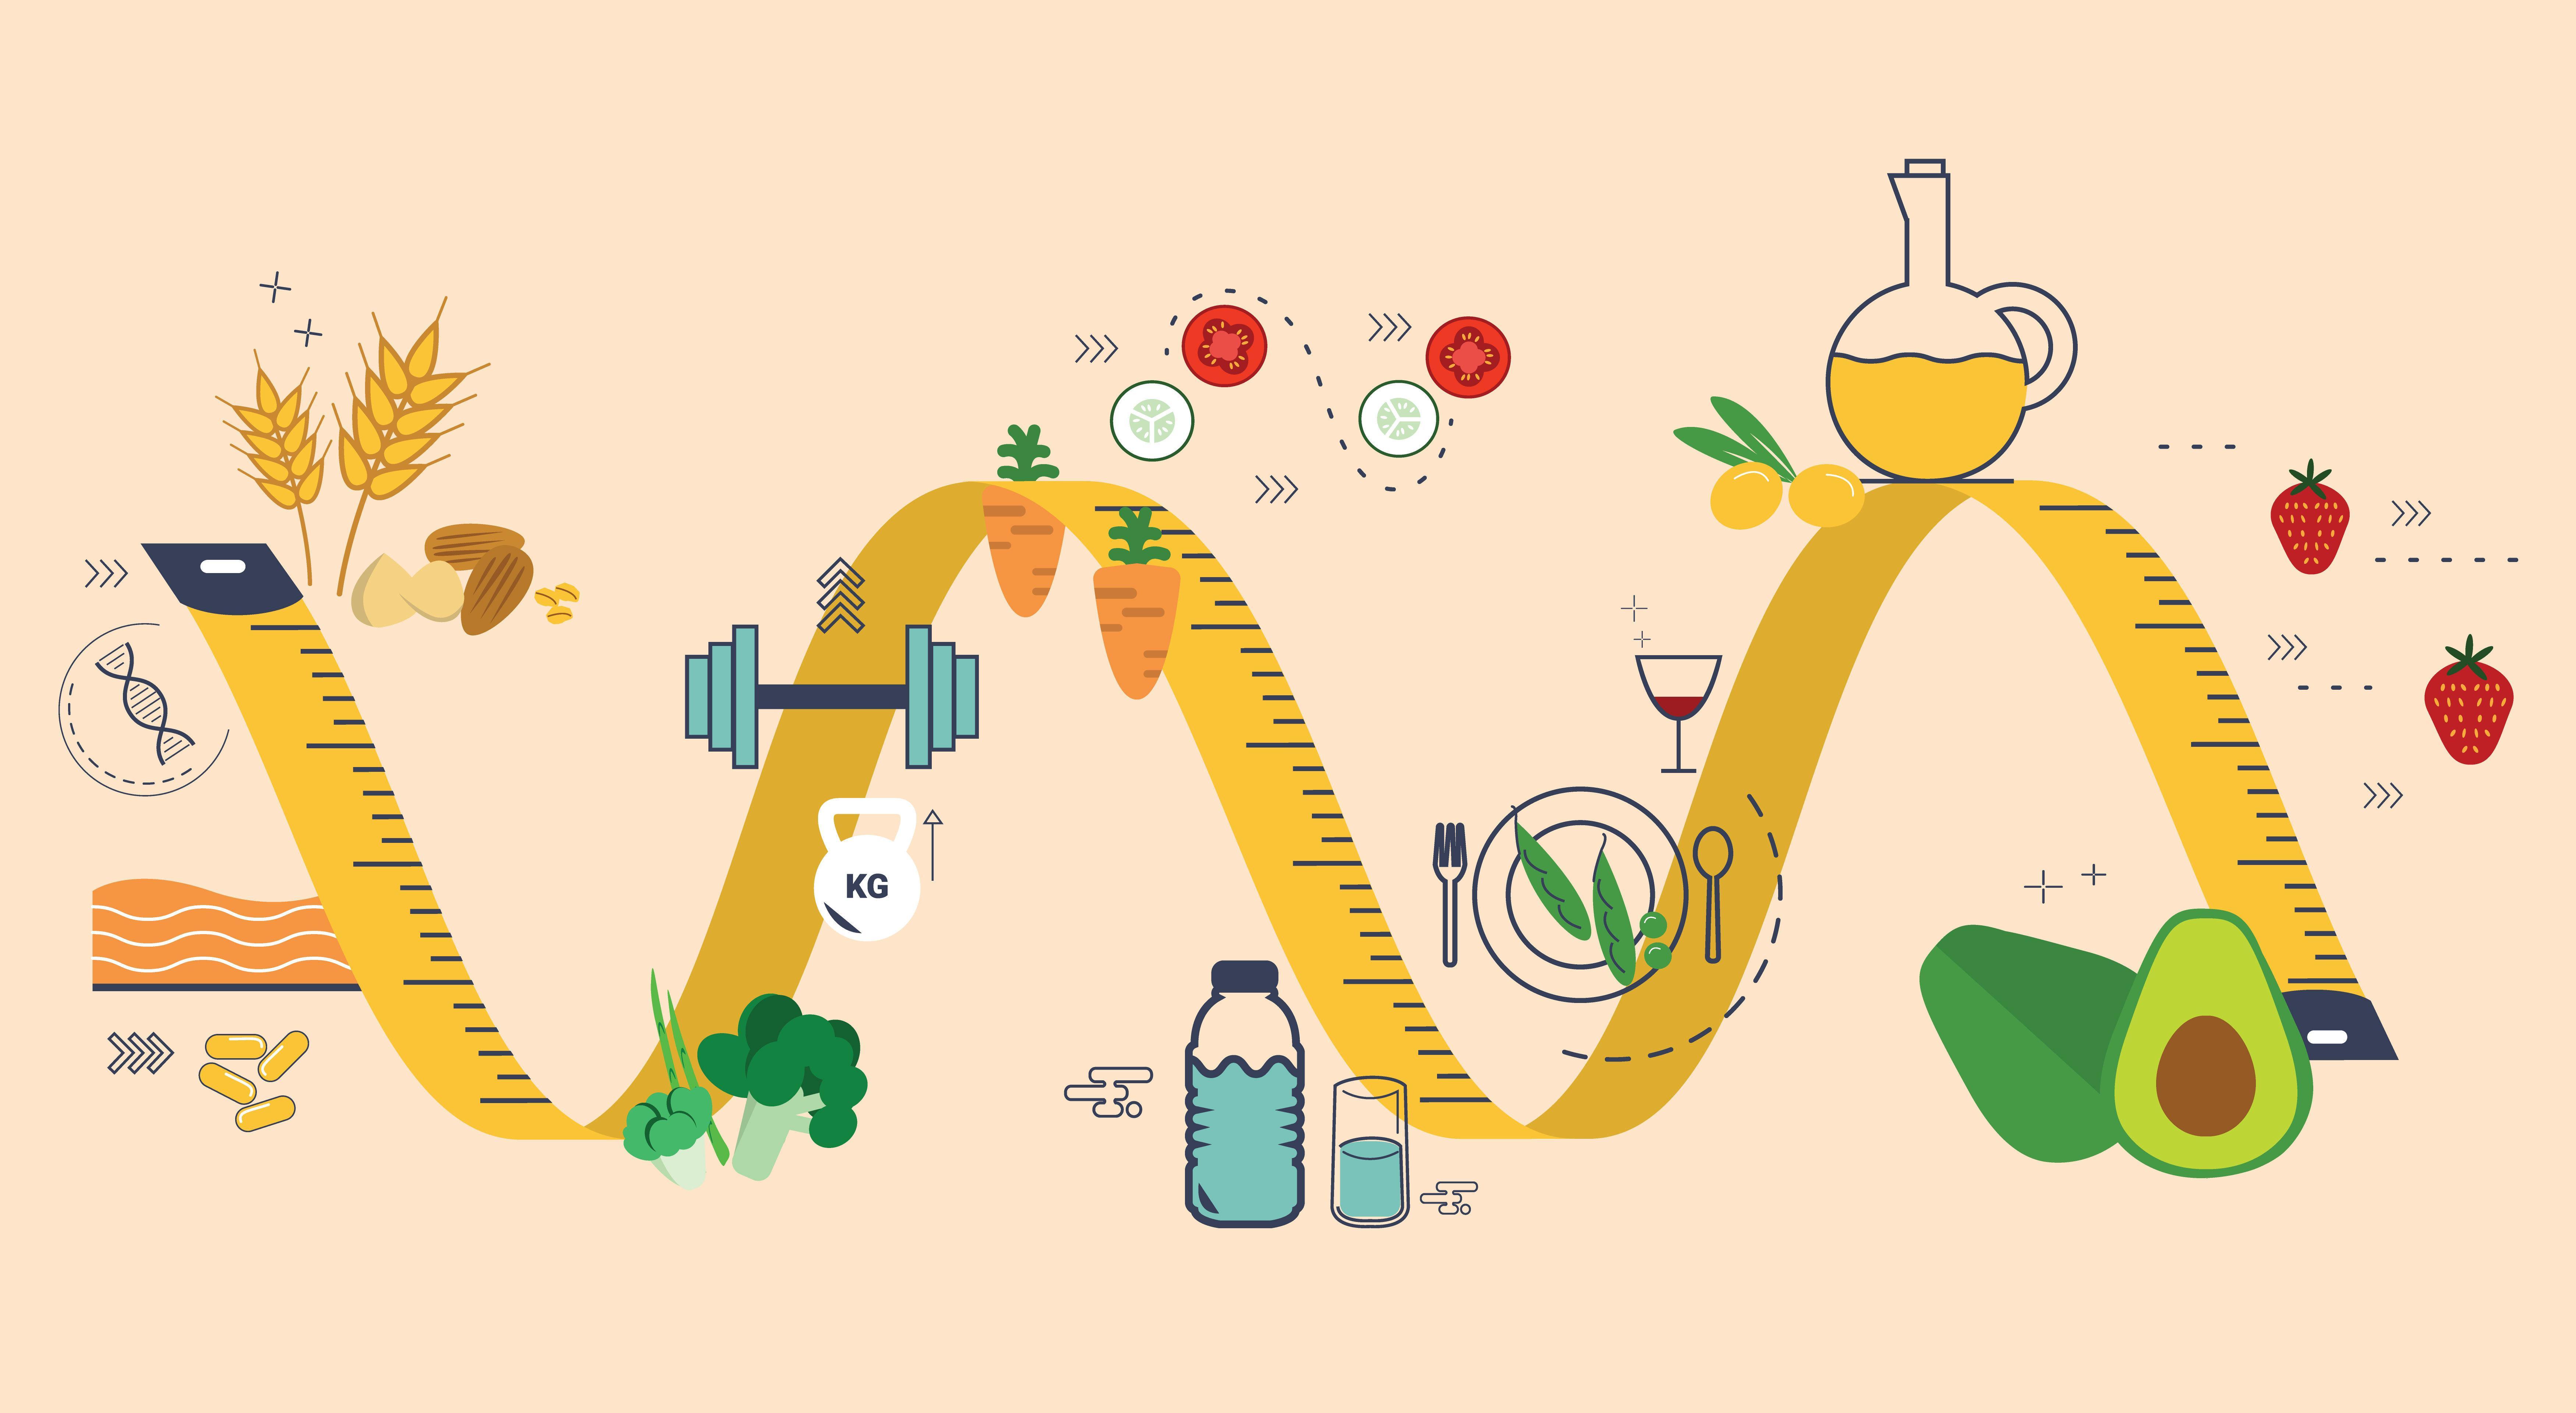 https://sportfito.ru/wp-content/uploads/2017/12/chto-takoe-metabolizm.jpg